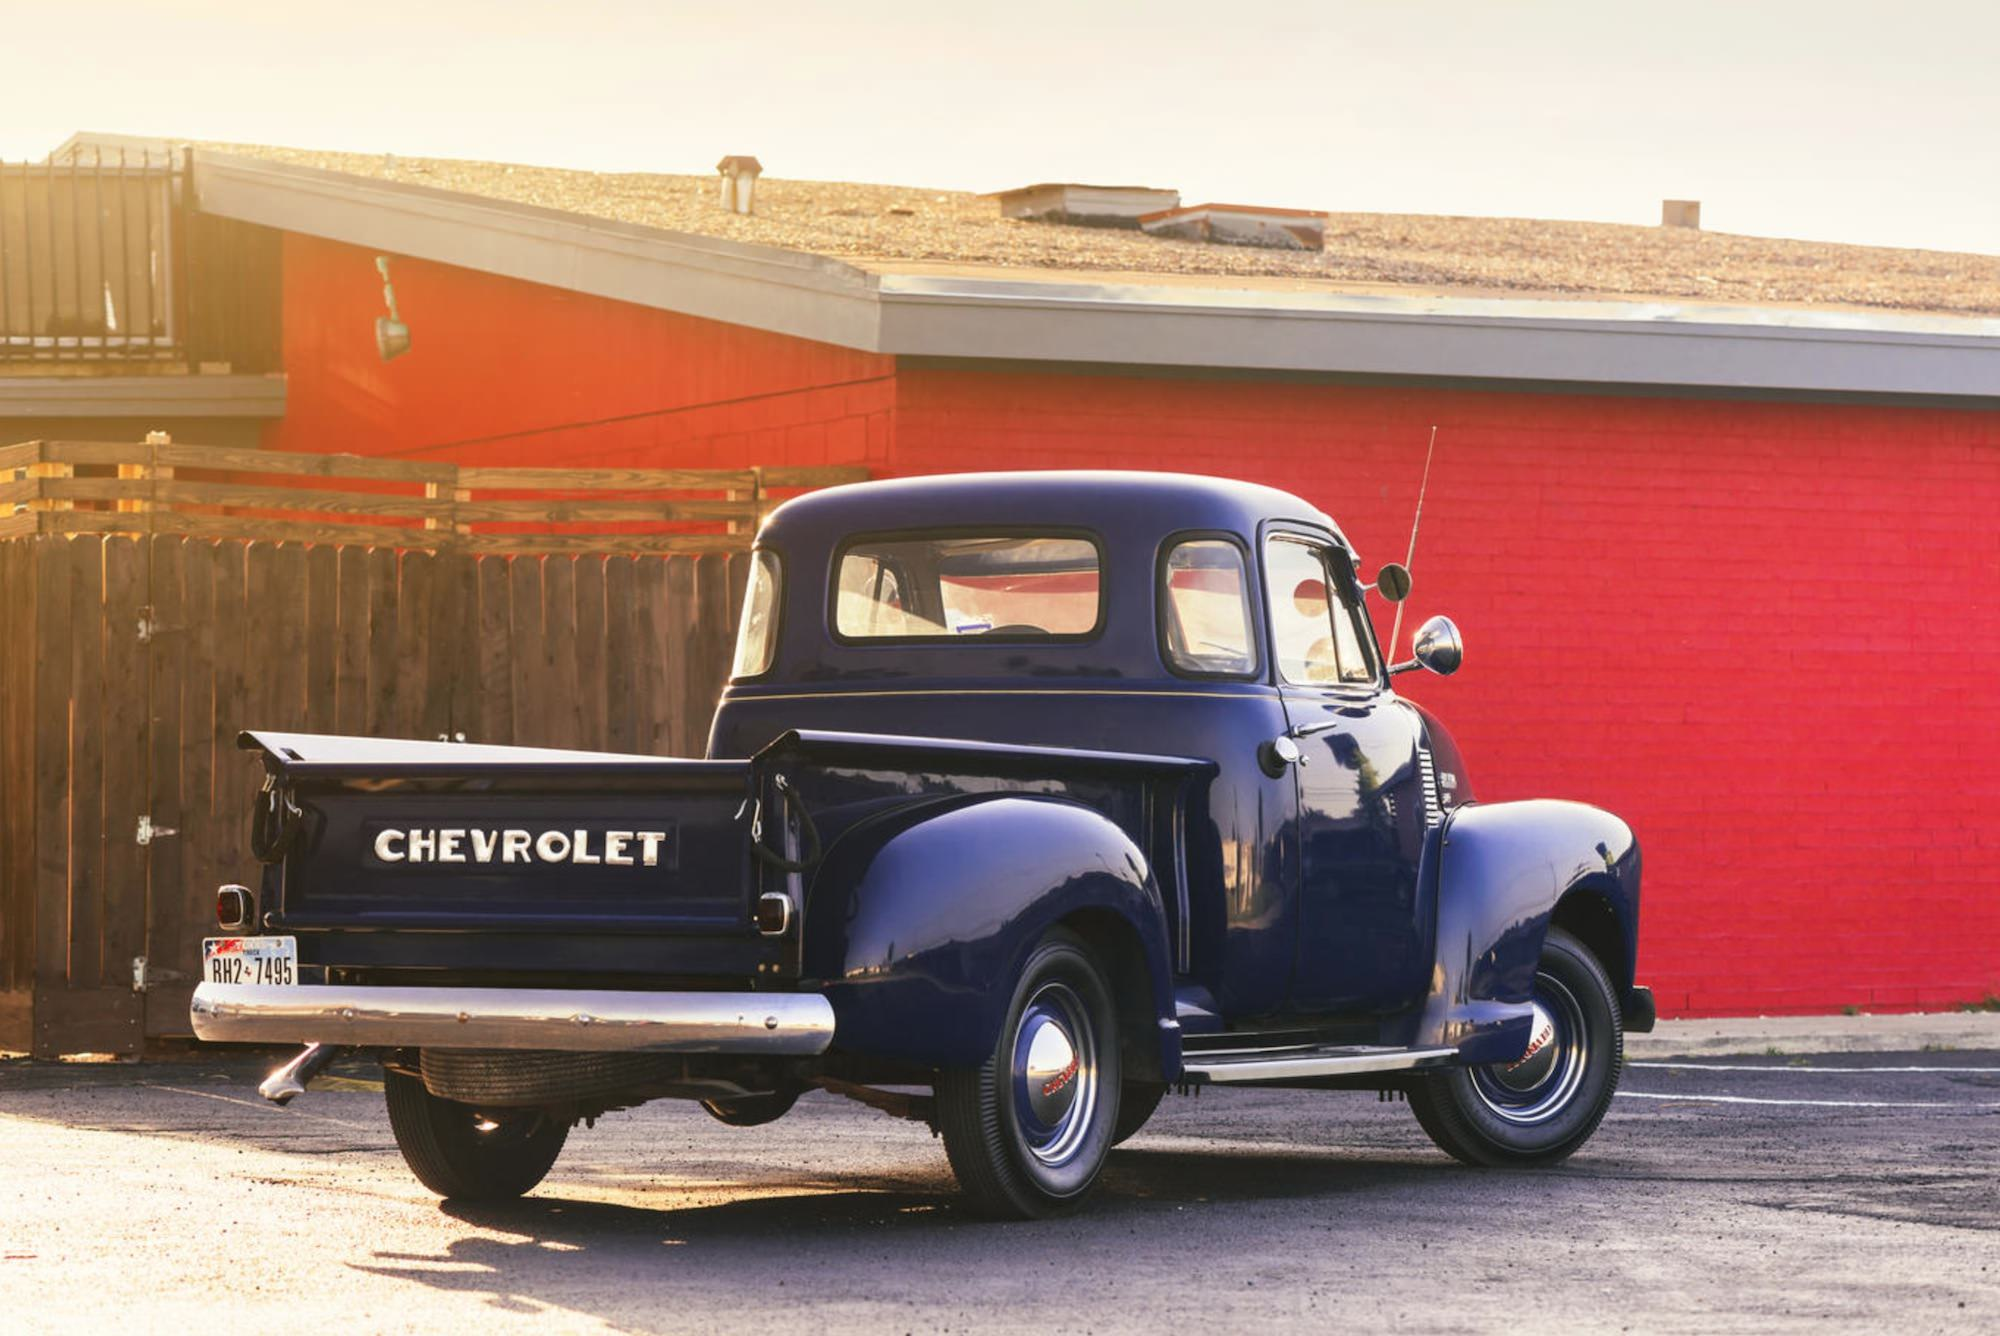 1951 chevrolet 3100 pickup. Black Bedroom Furniture Sets. Home Design Ideas